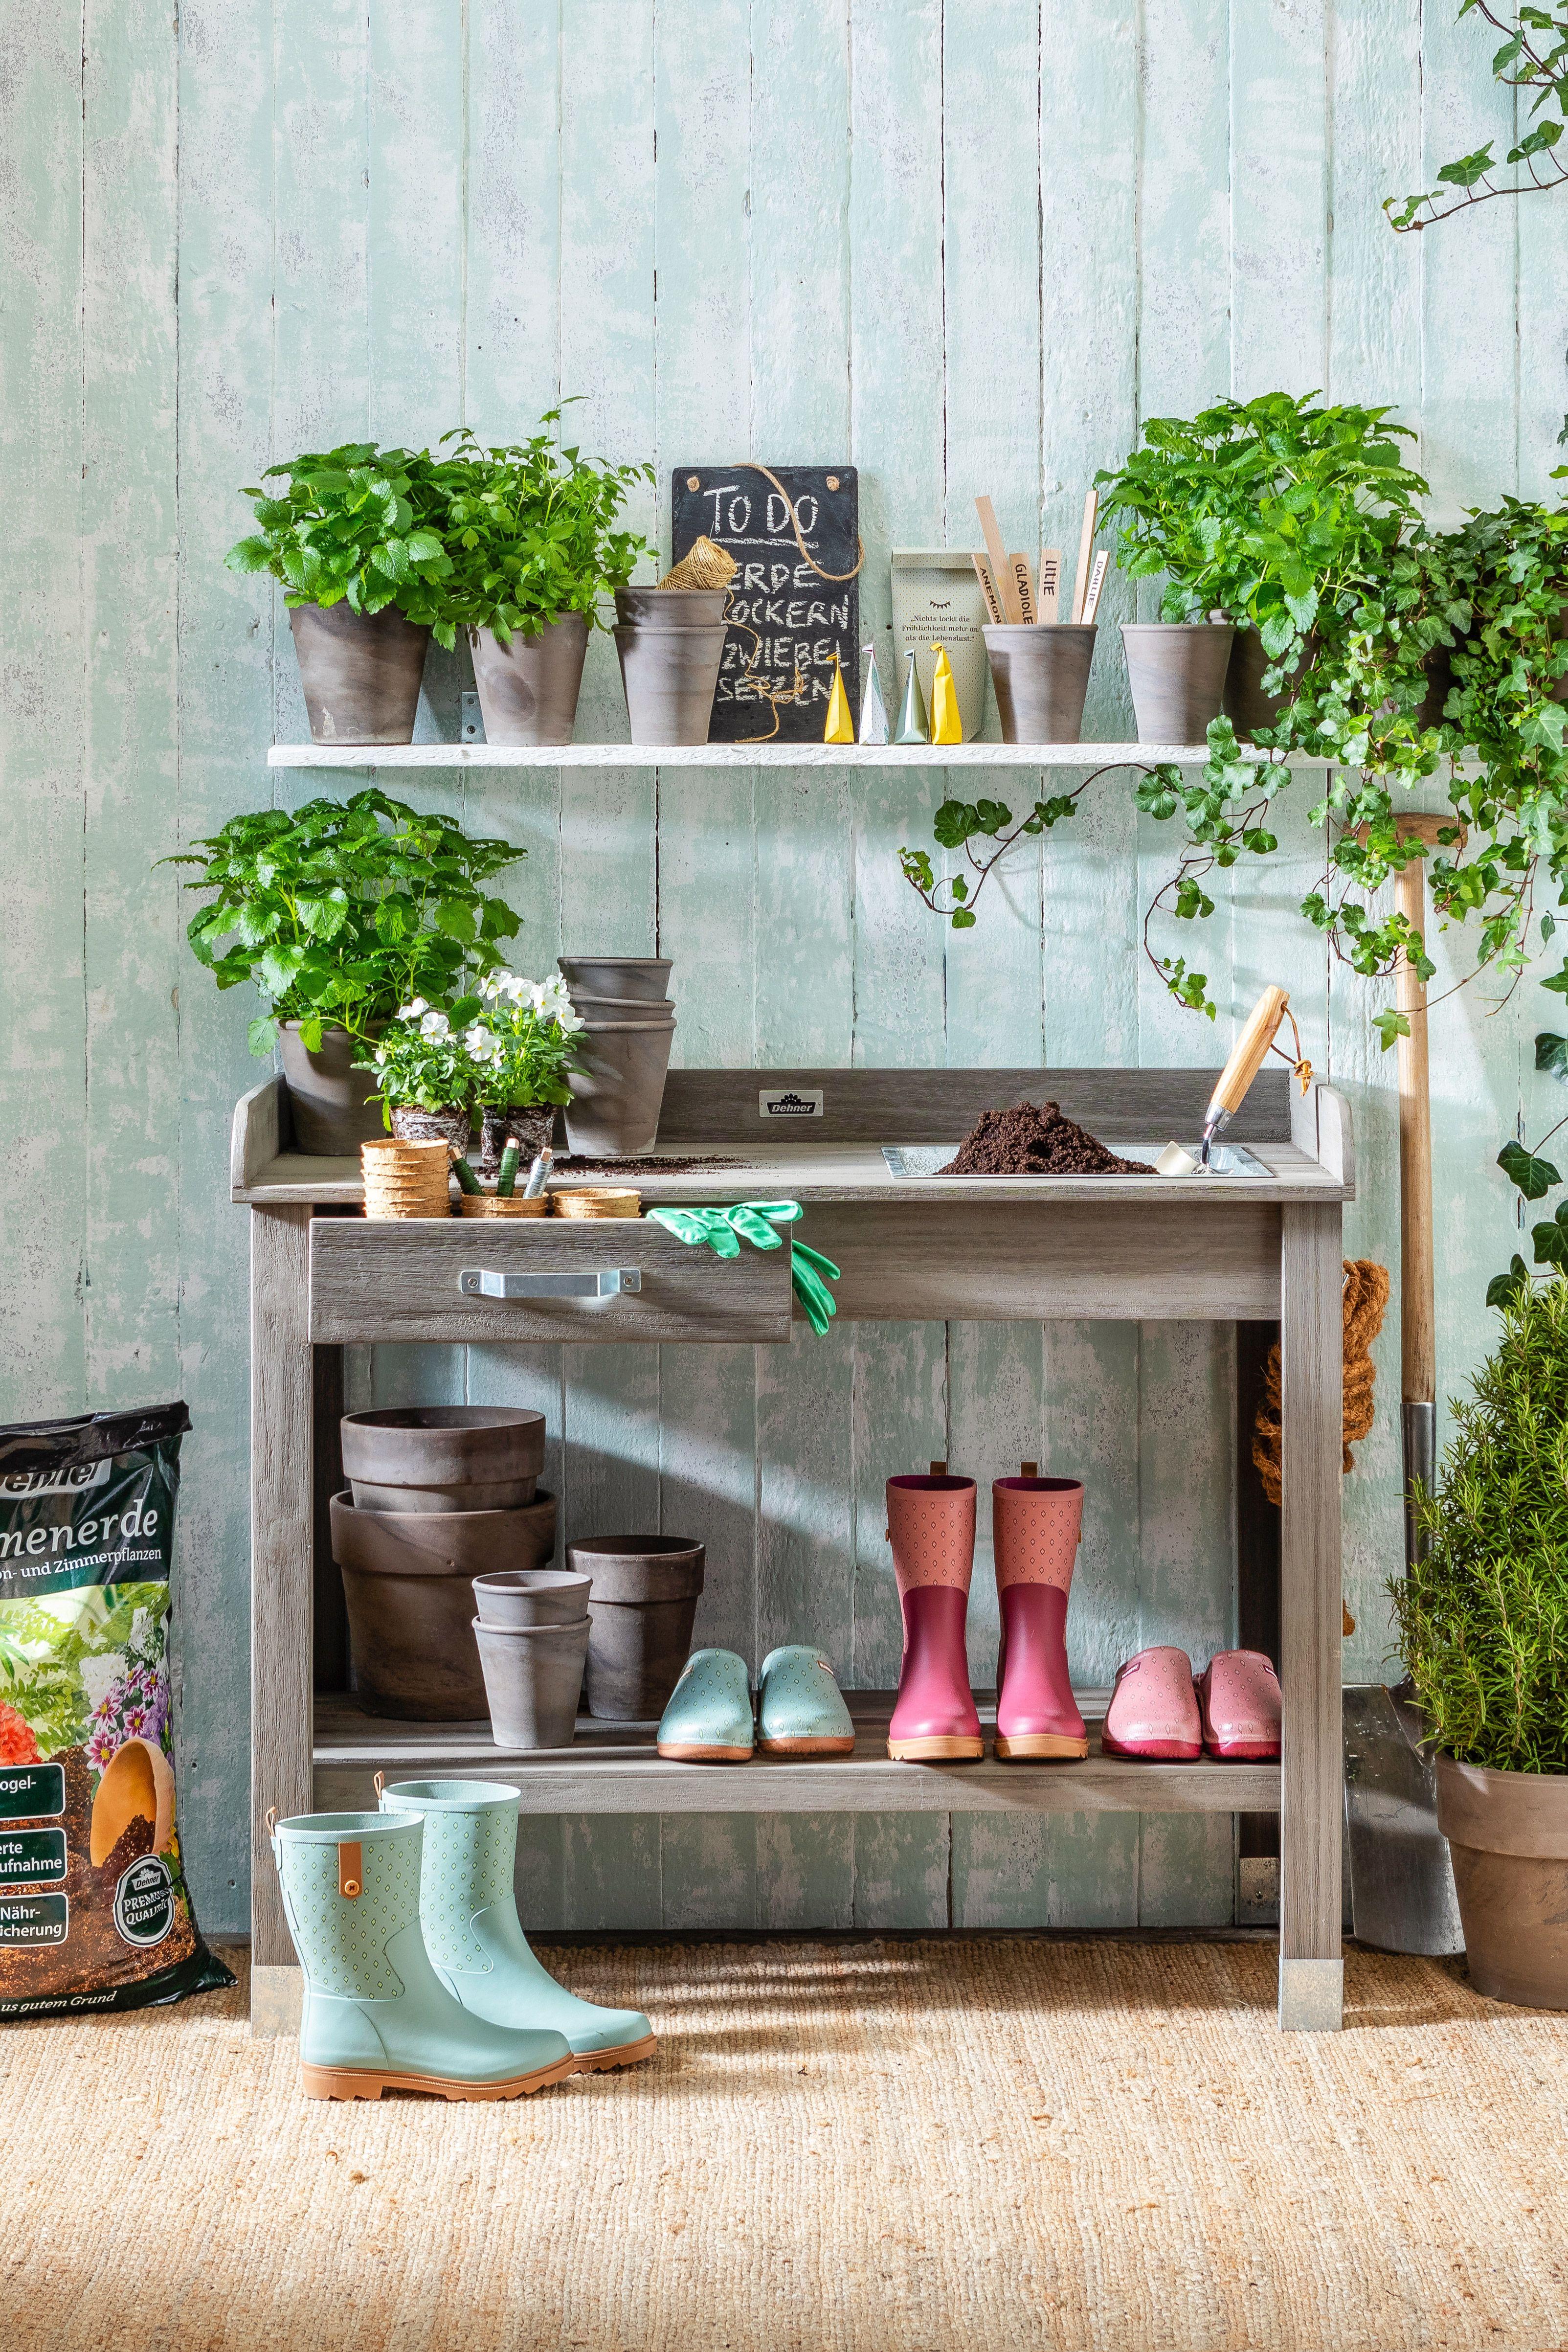 Pflanztisch Ein Praktischer Arbeitstisch Fur Den Garten Pflanztisch Arbeitstisch Pflanzen